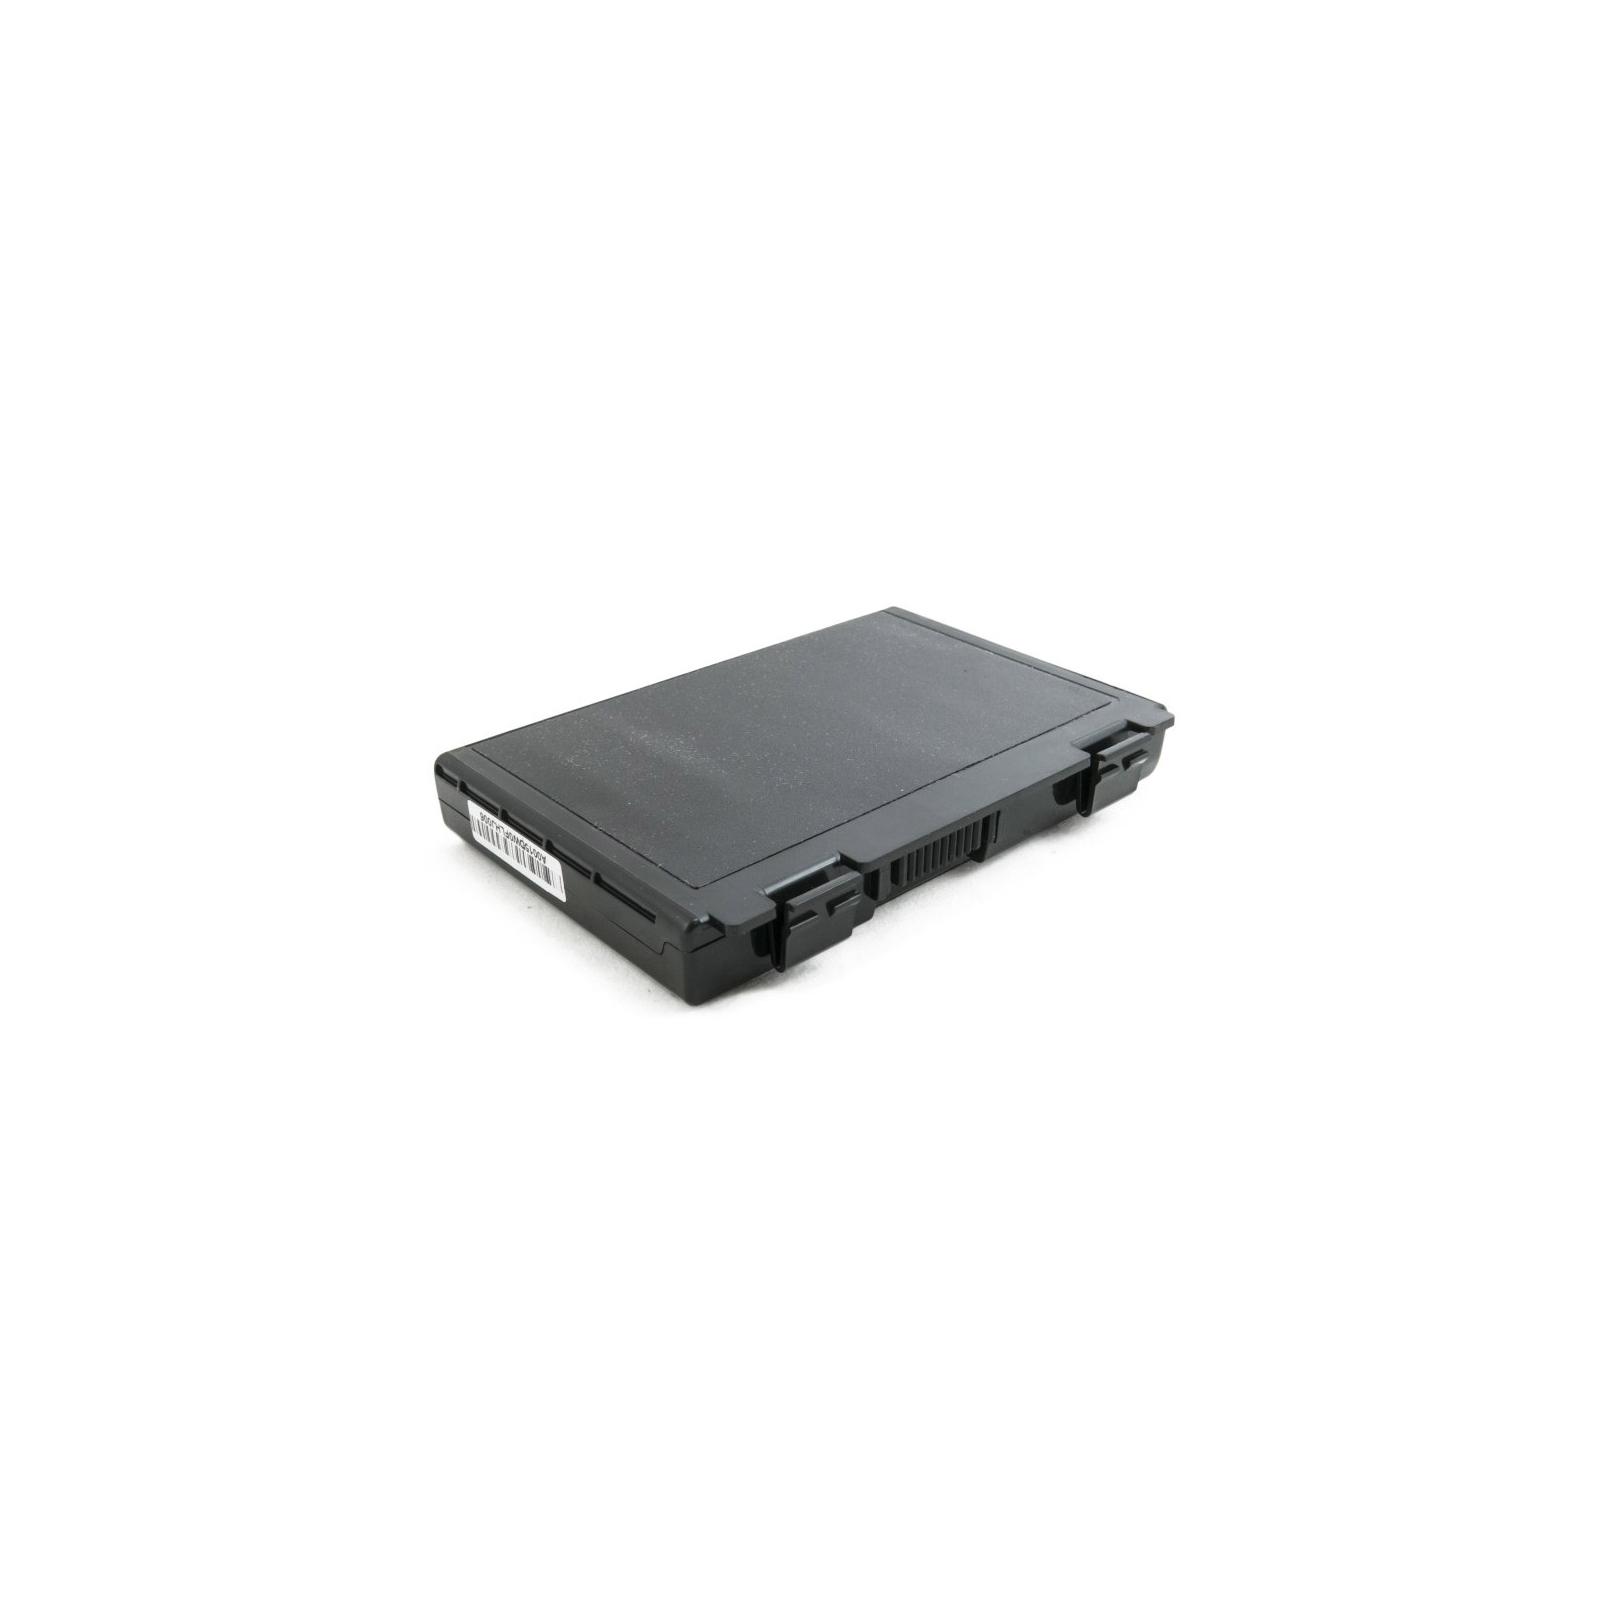 Аккумулятор для ноутбука Asus K40 (A32-F82) 5200 mAh EXTRADIGITAL (BNA3927) изображение 5